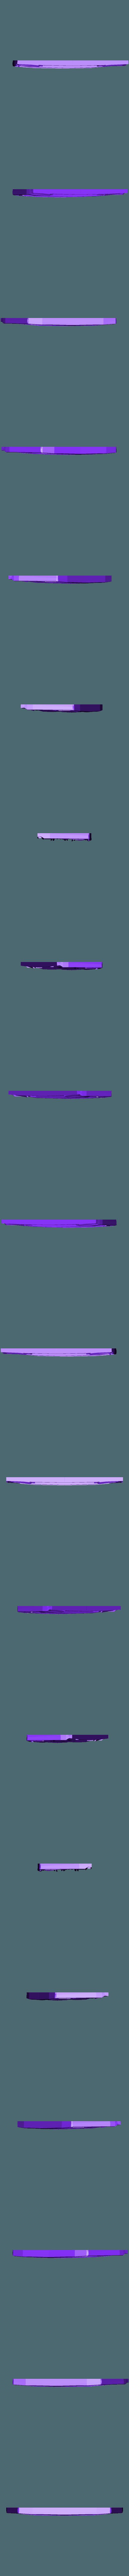 calandre.stl Télécharger fichier STL gratuit rc truck 1/14 FH body • Objet à imprimer en 3D, r083726